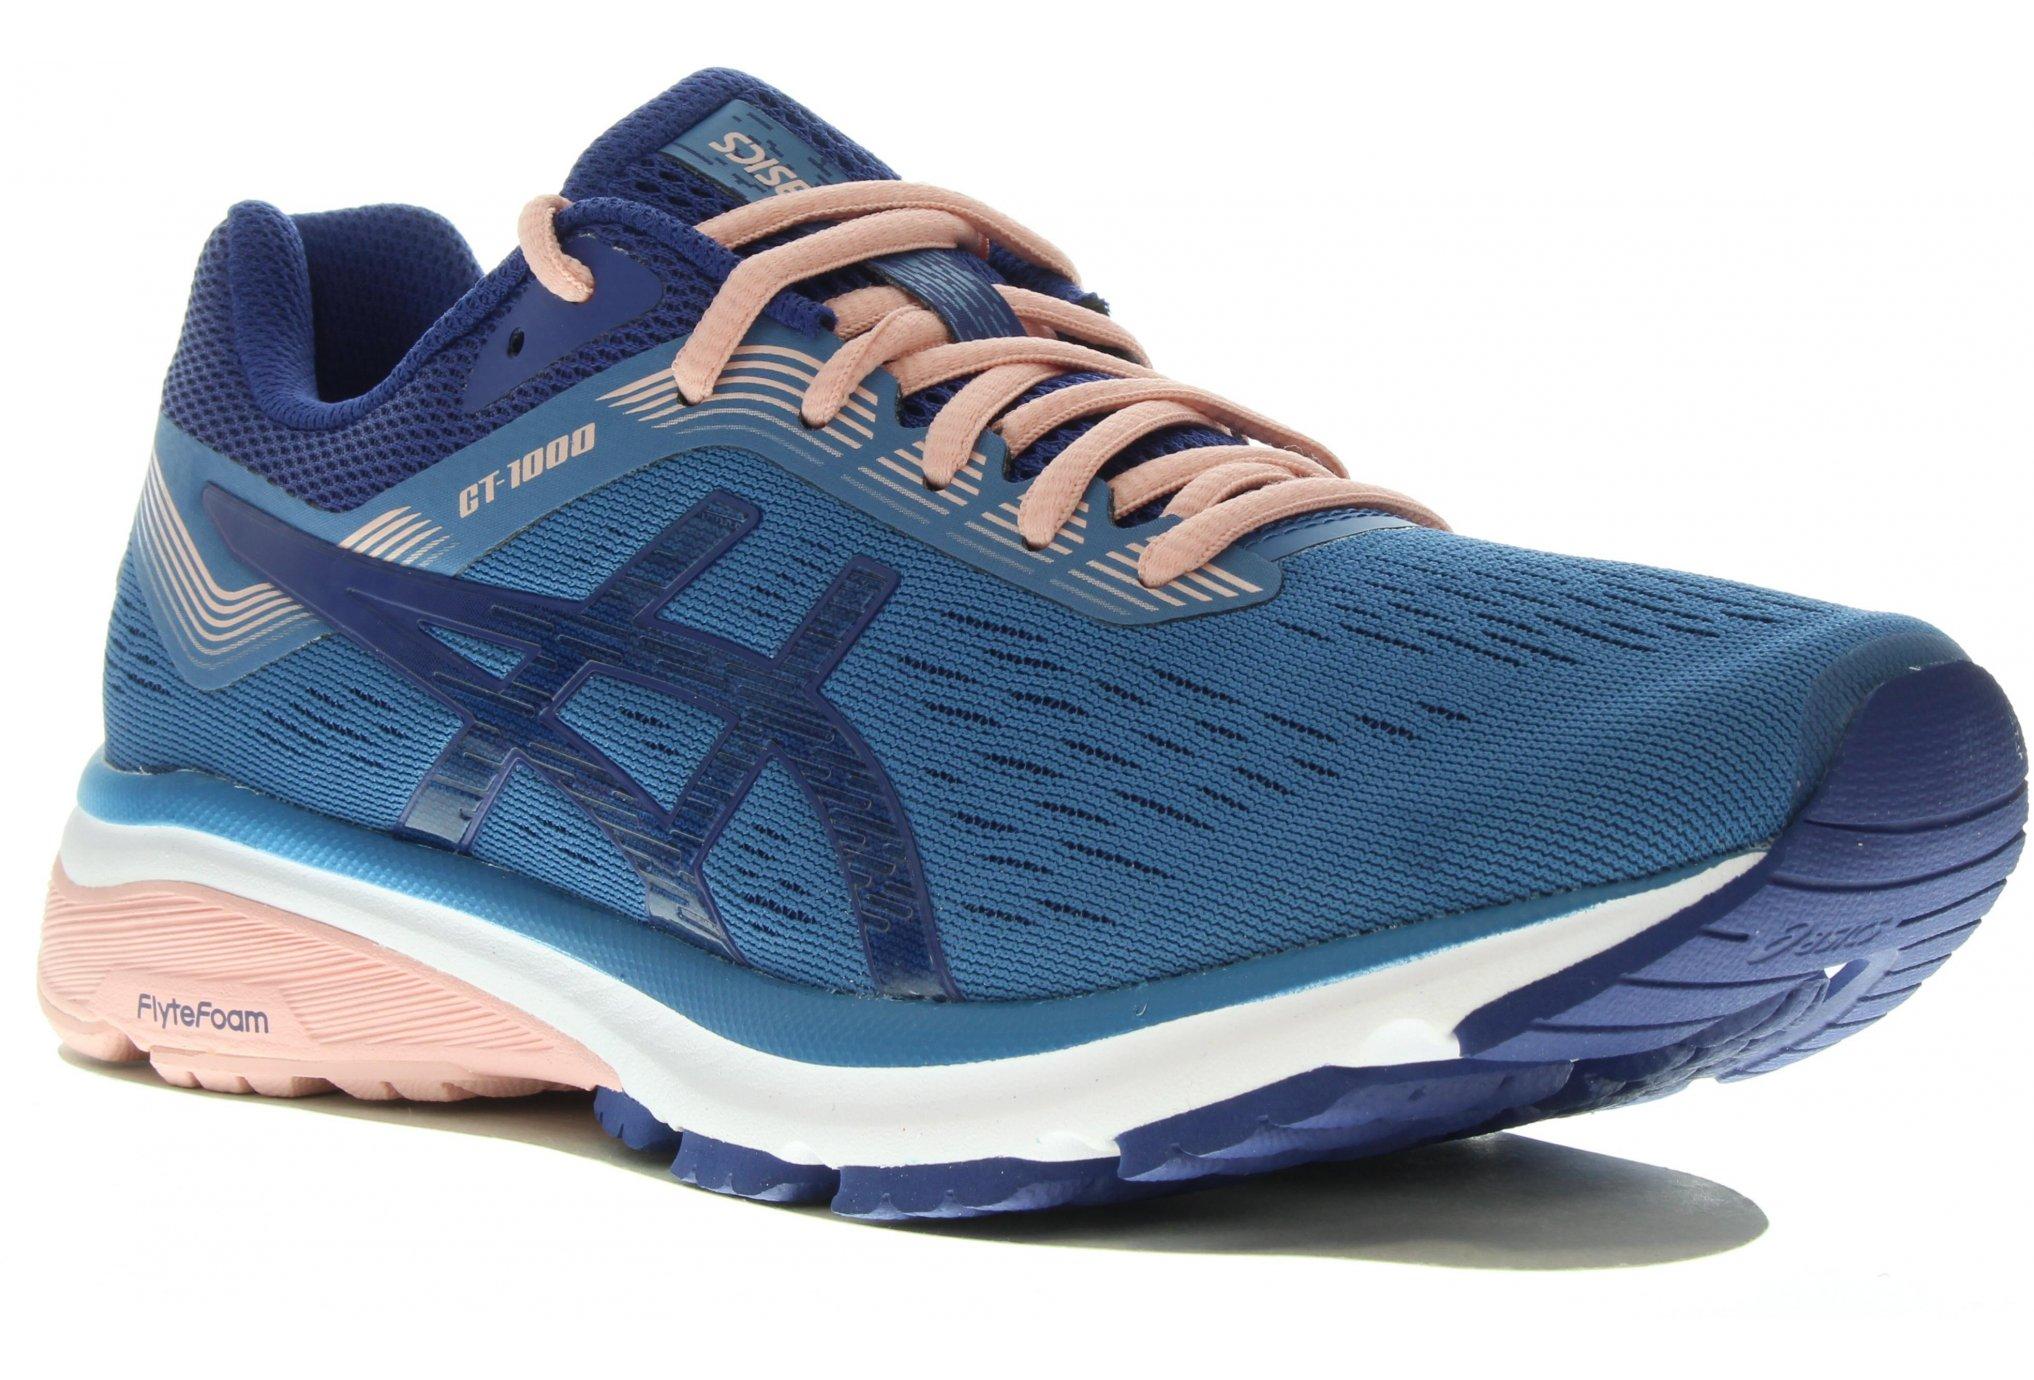 Asics GT-1000 7 Chaussures running femme